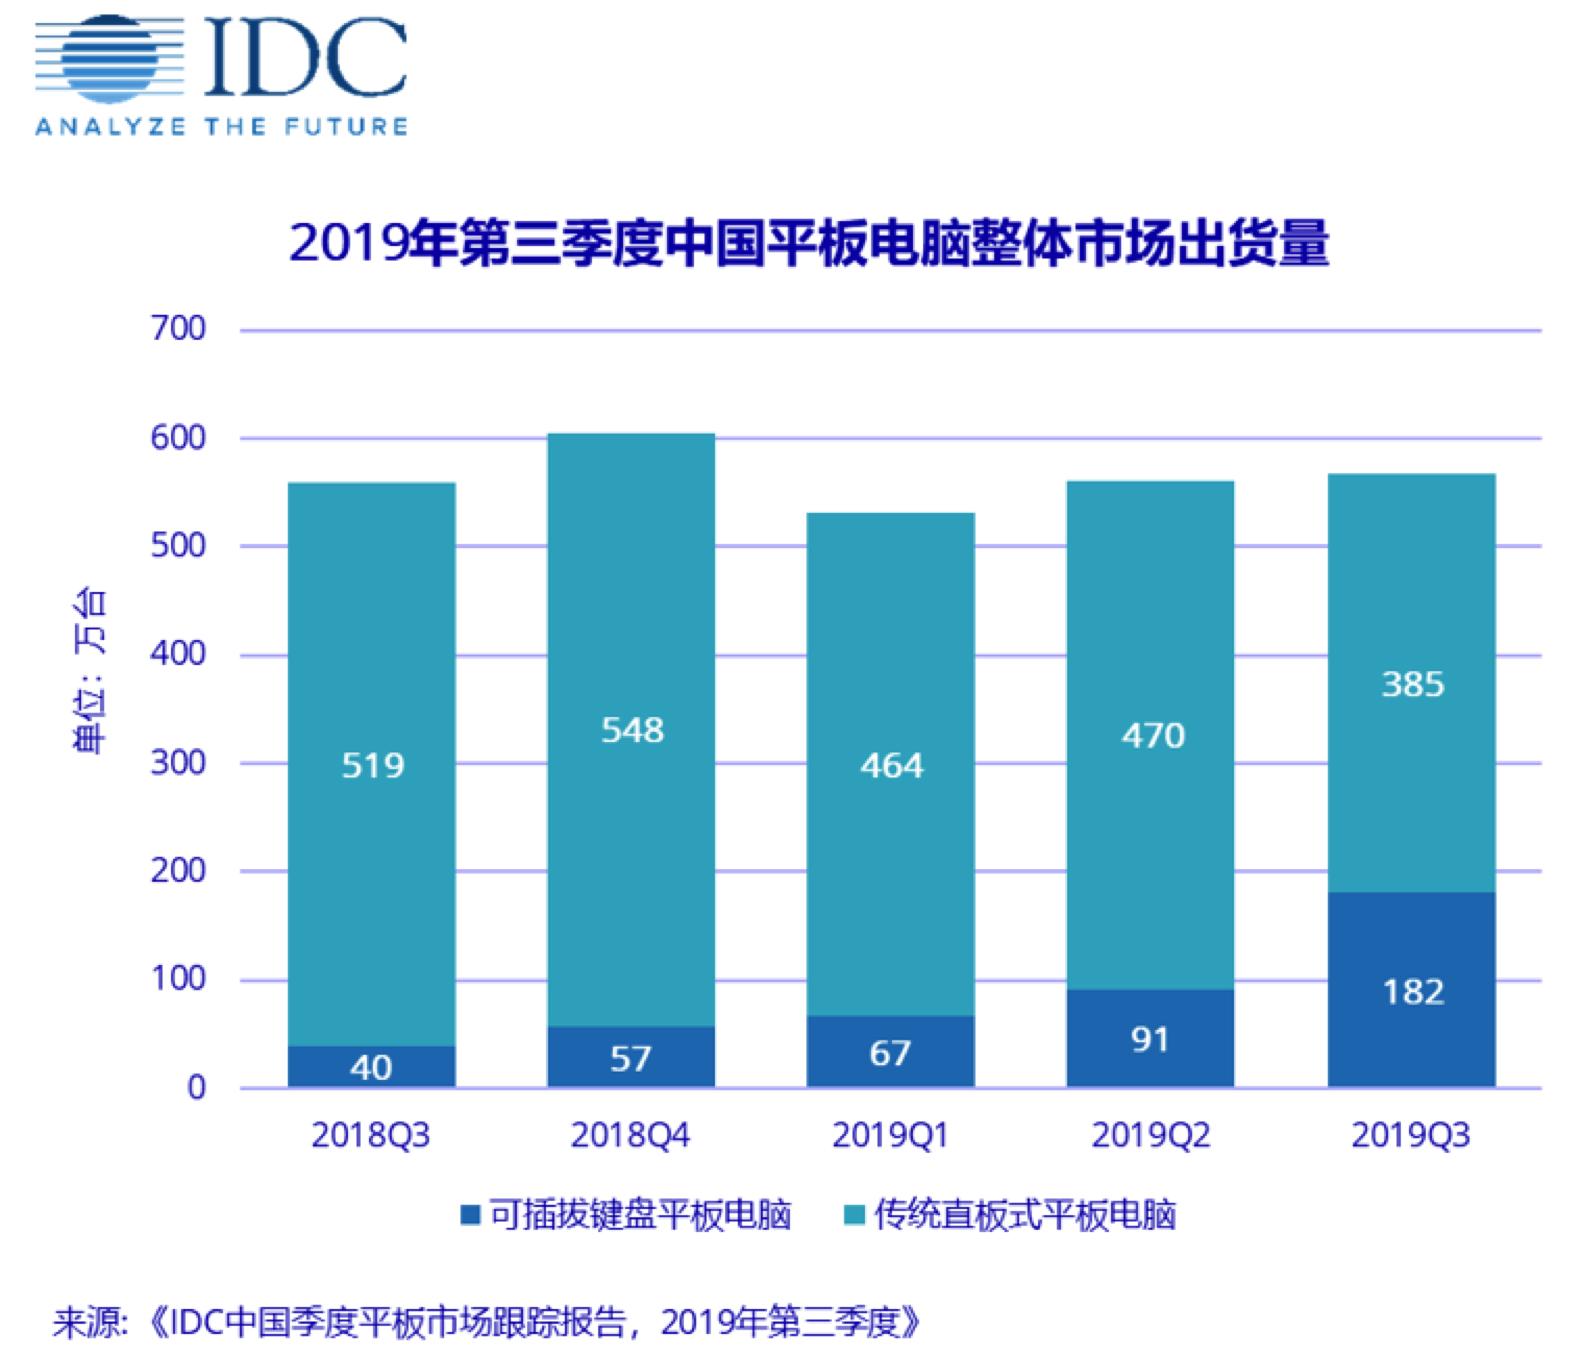 2019Q3华为登中国平板电脑市场出货量第一位